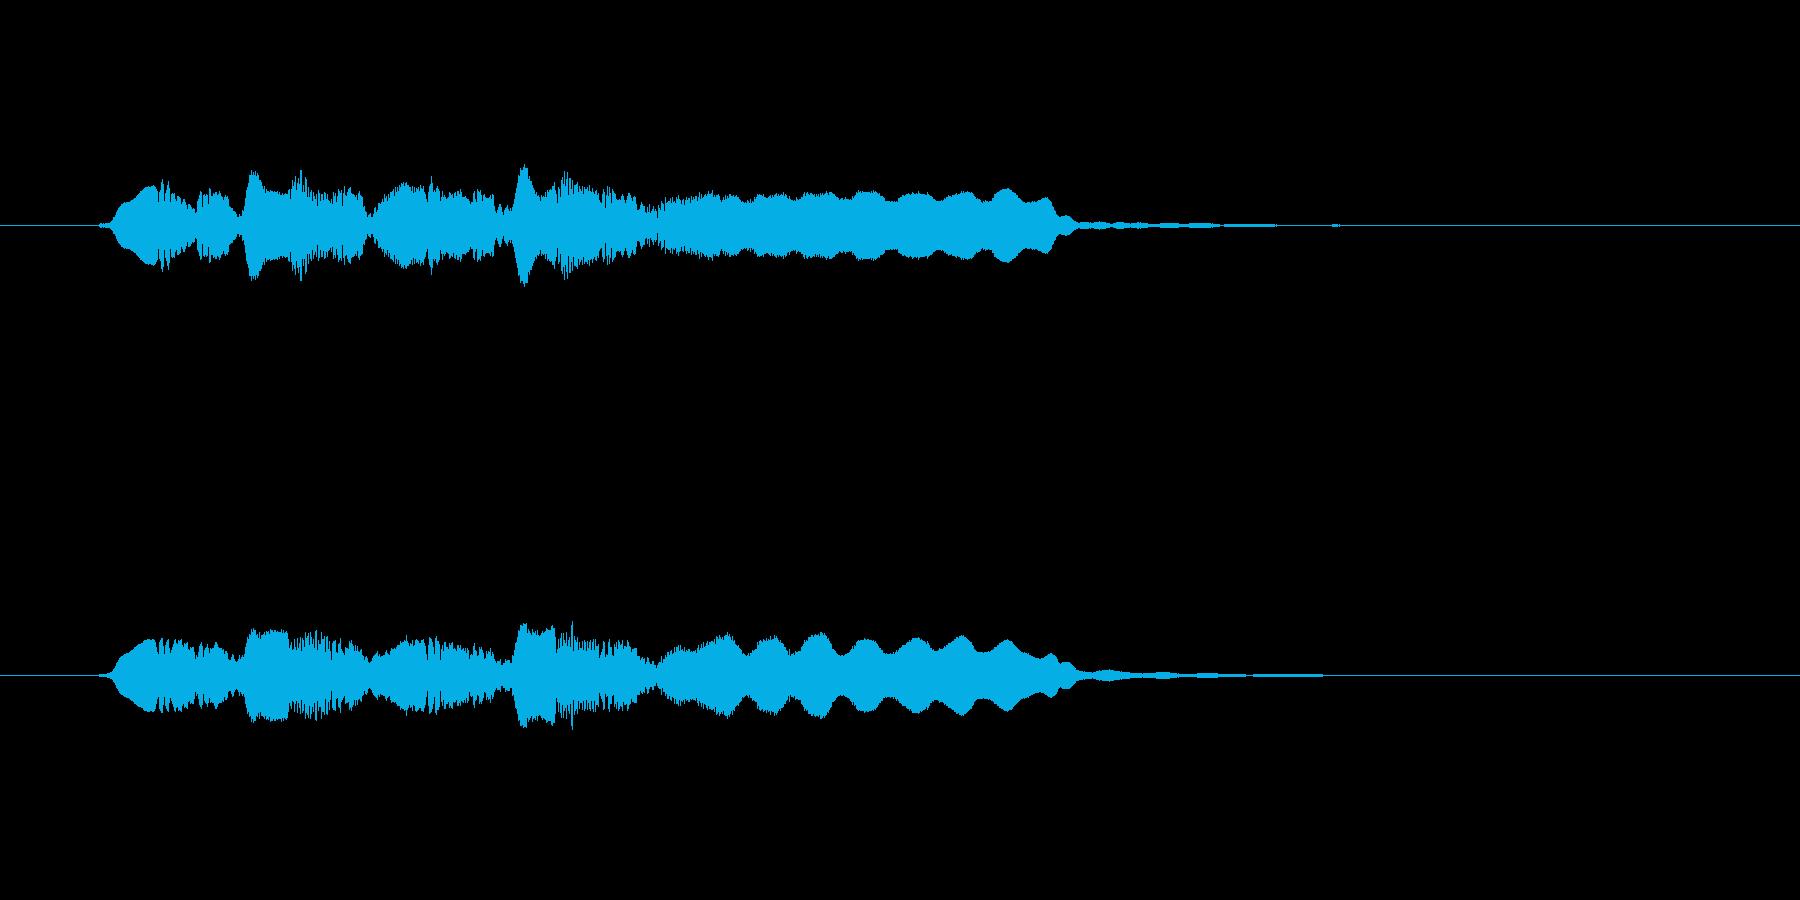 ゆったりとした音楽を奏でるフルートの再生済みの波形